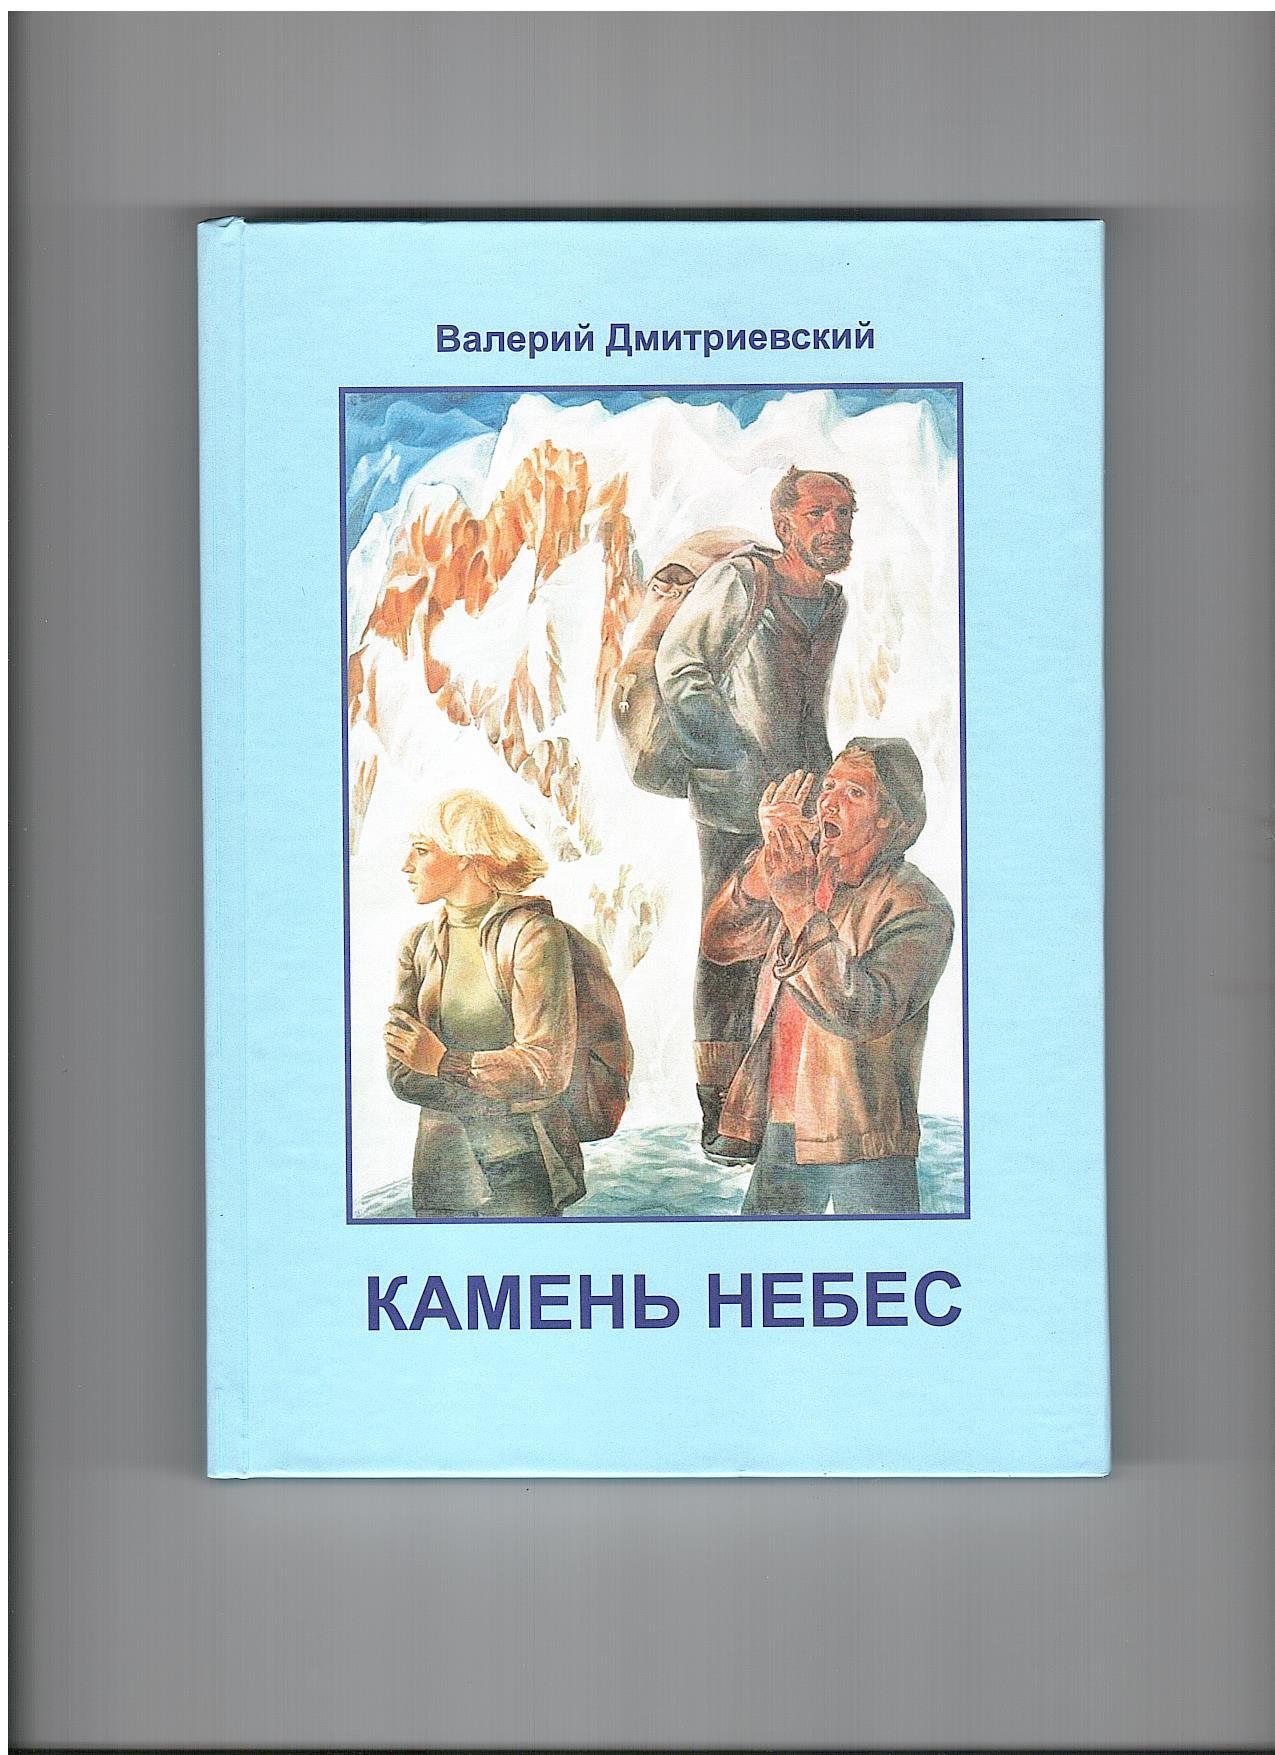 Дмитриевский, В.В. Камень небес : повесть, воспоминания